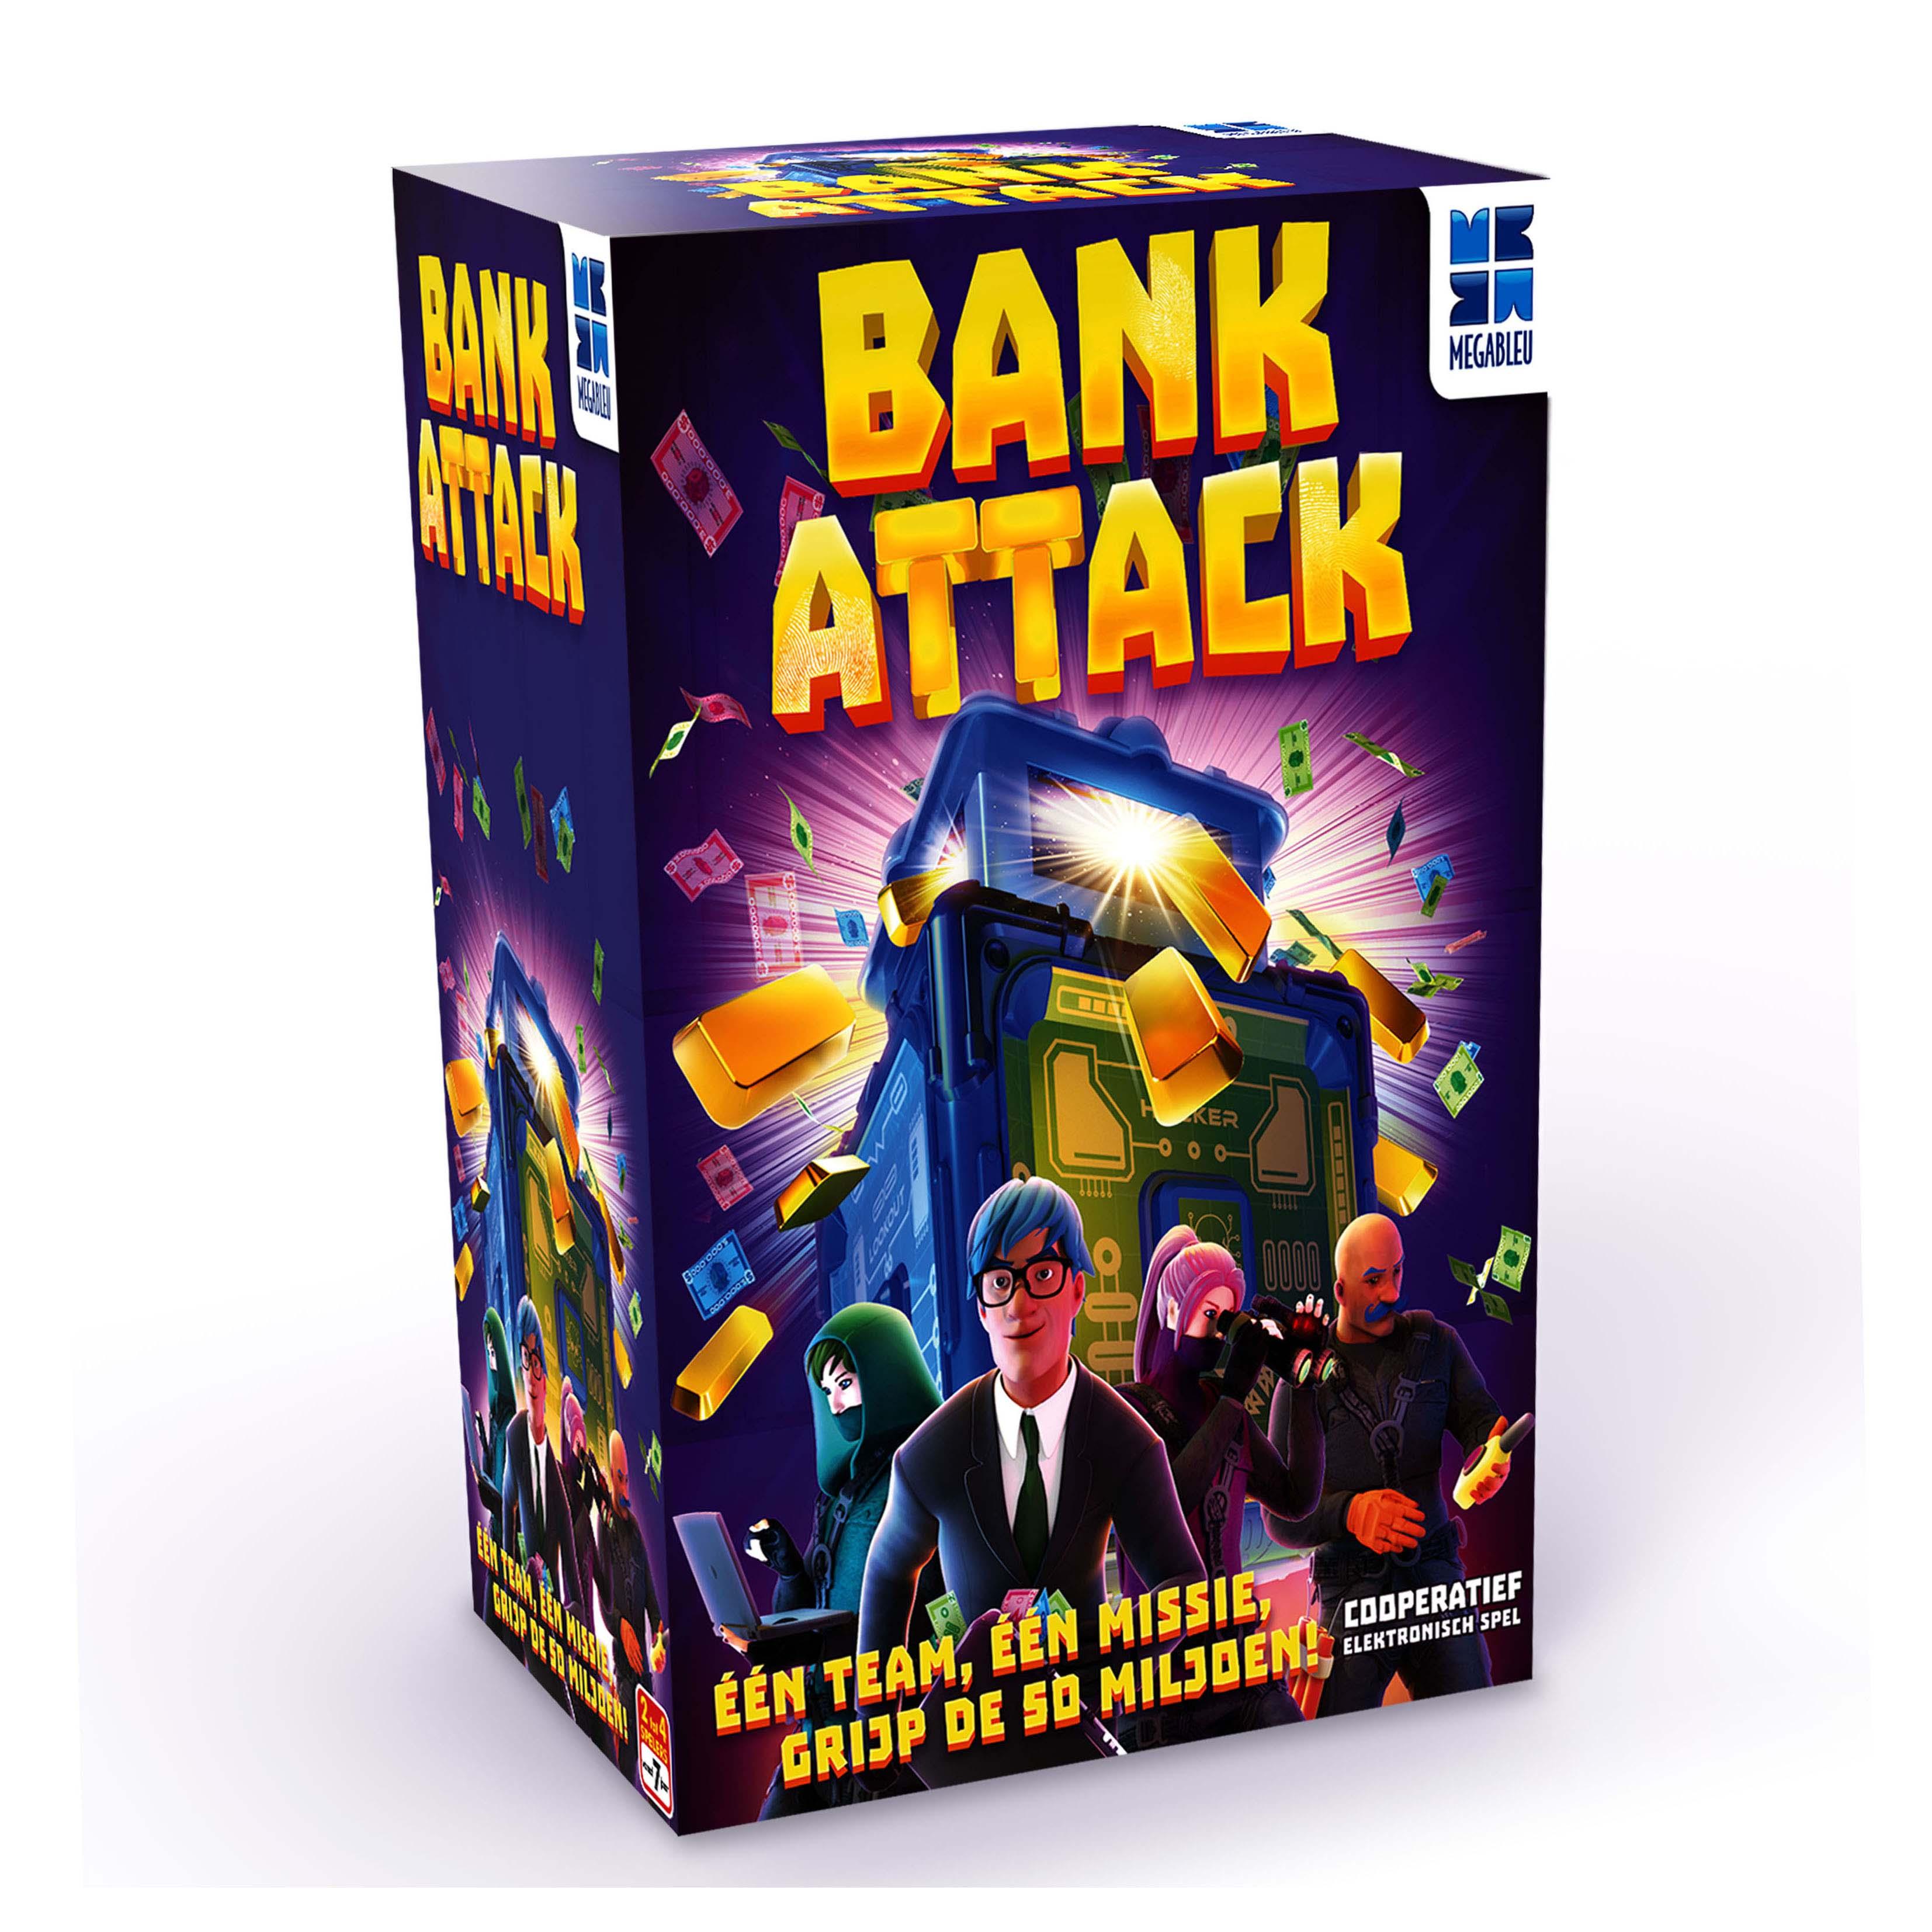 Afbeelding van Spel Bank Attack